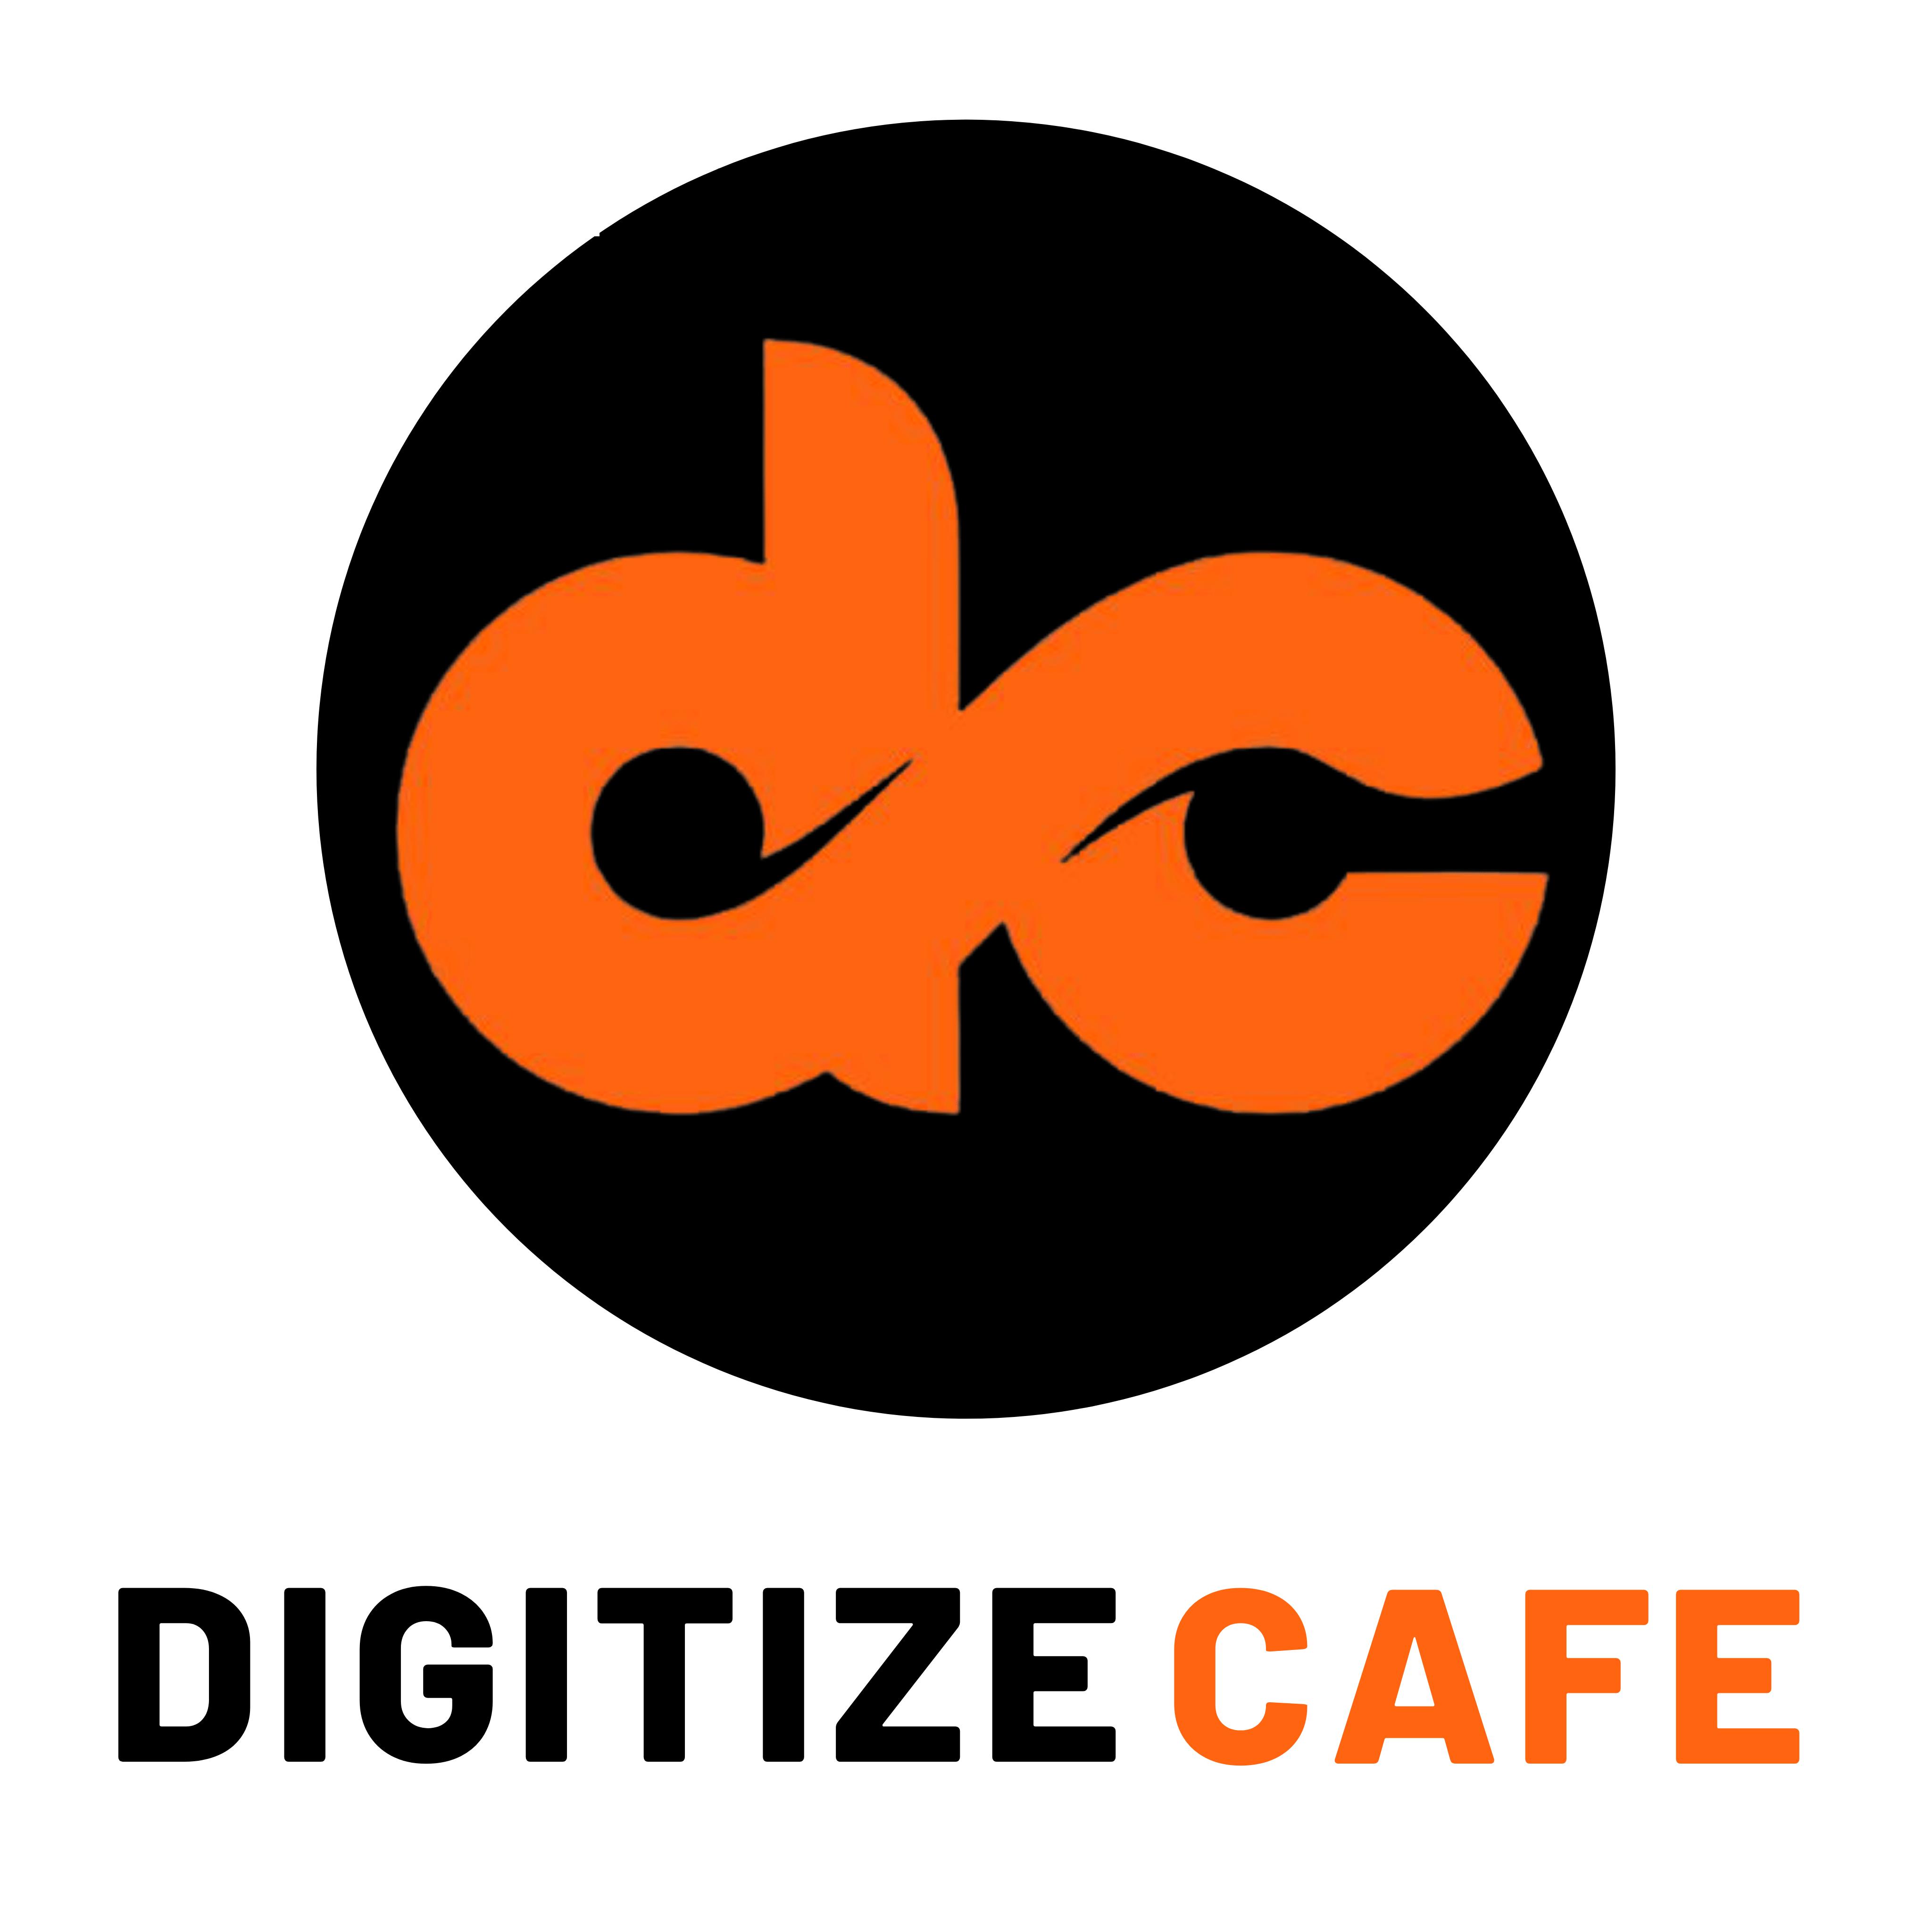 digitize cafe logo